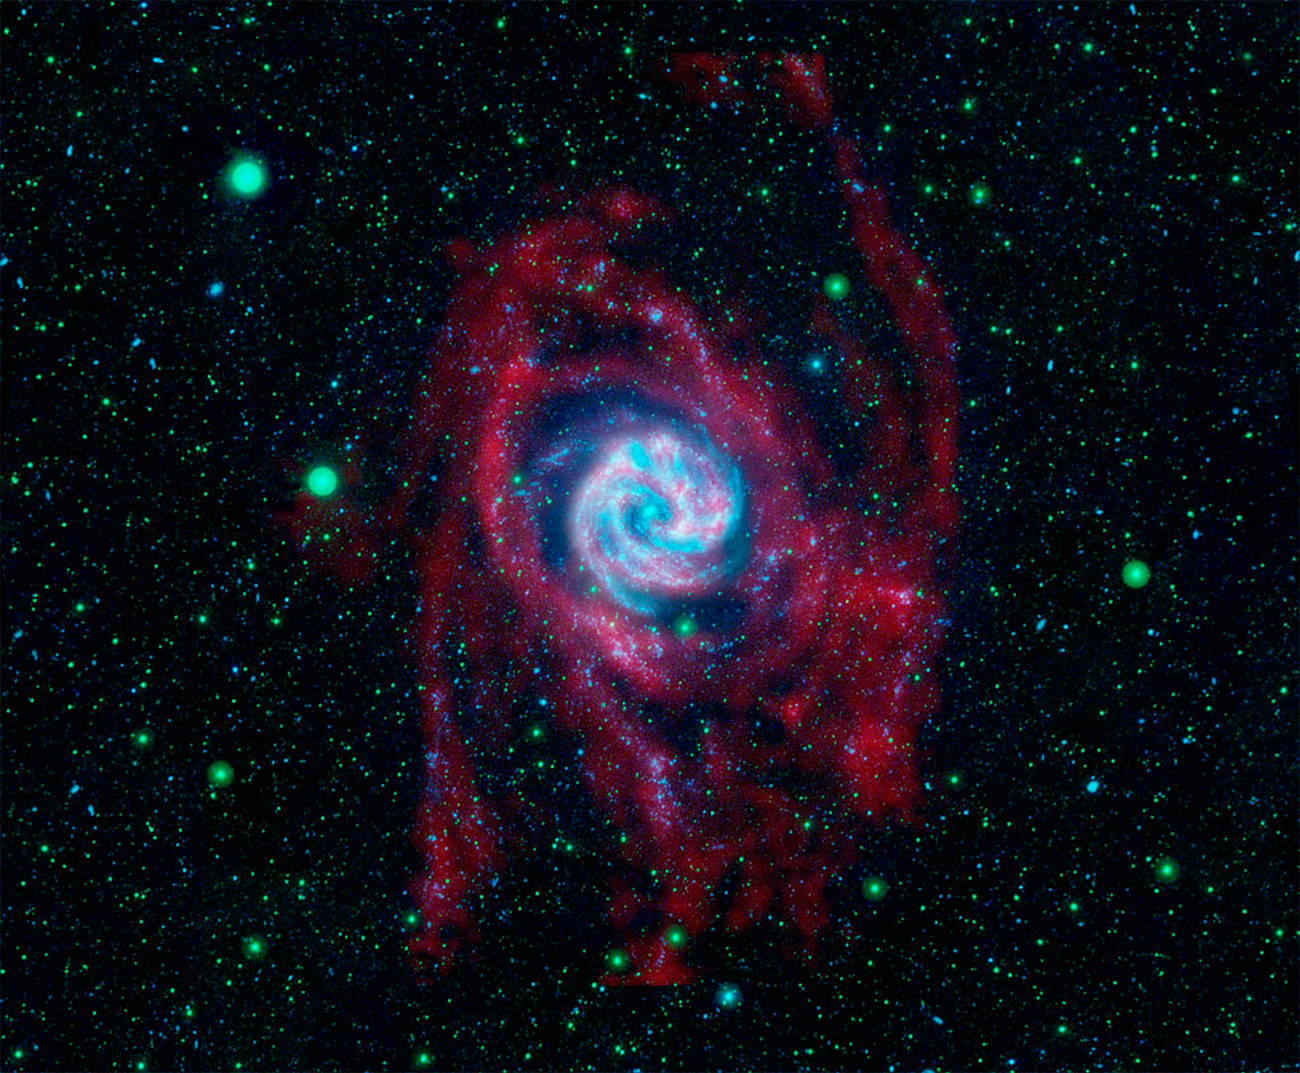 Совмещенный снимок галактики M83 в радио и ультрафиолетовом диапазонах